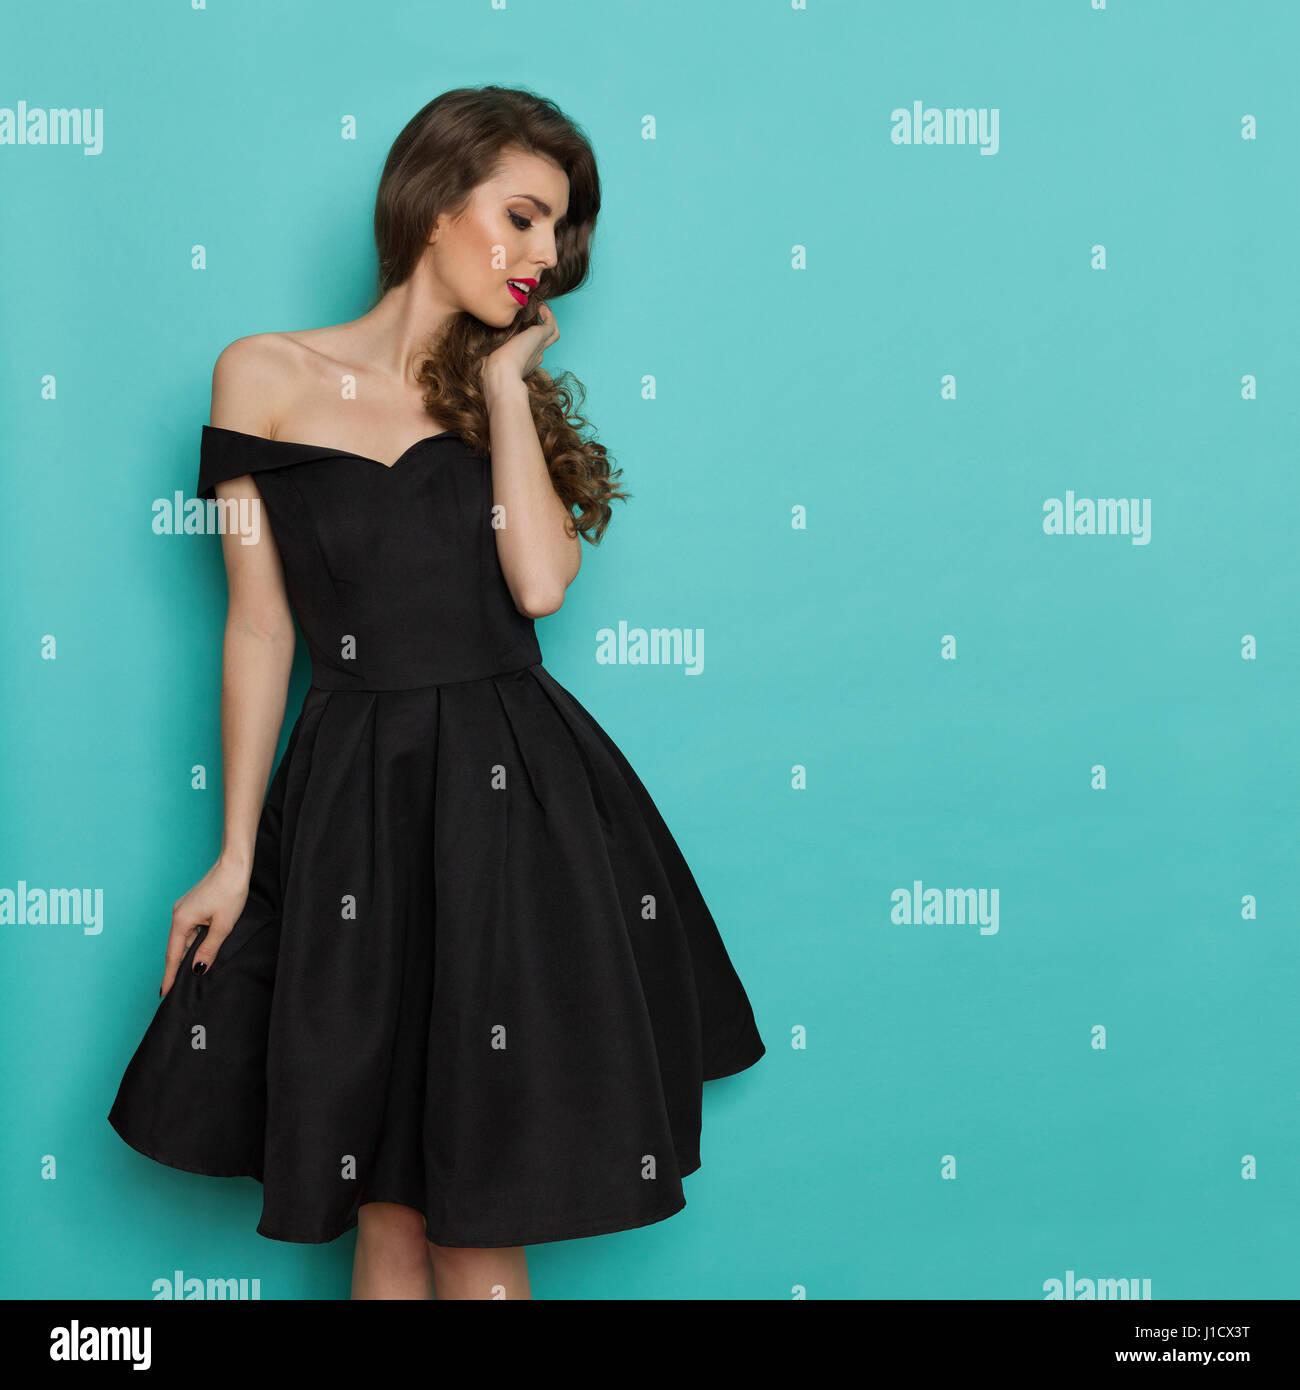 schöne junge frau in eleganten schwarzen cocktailkleid sucht